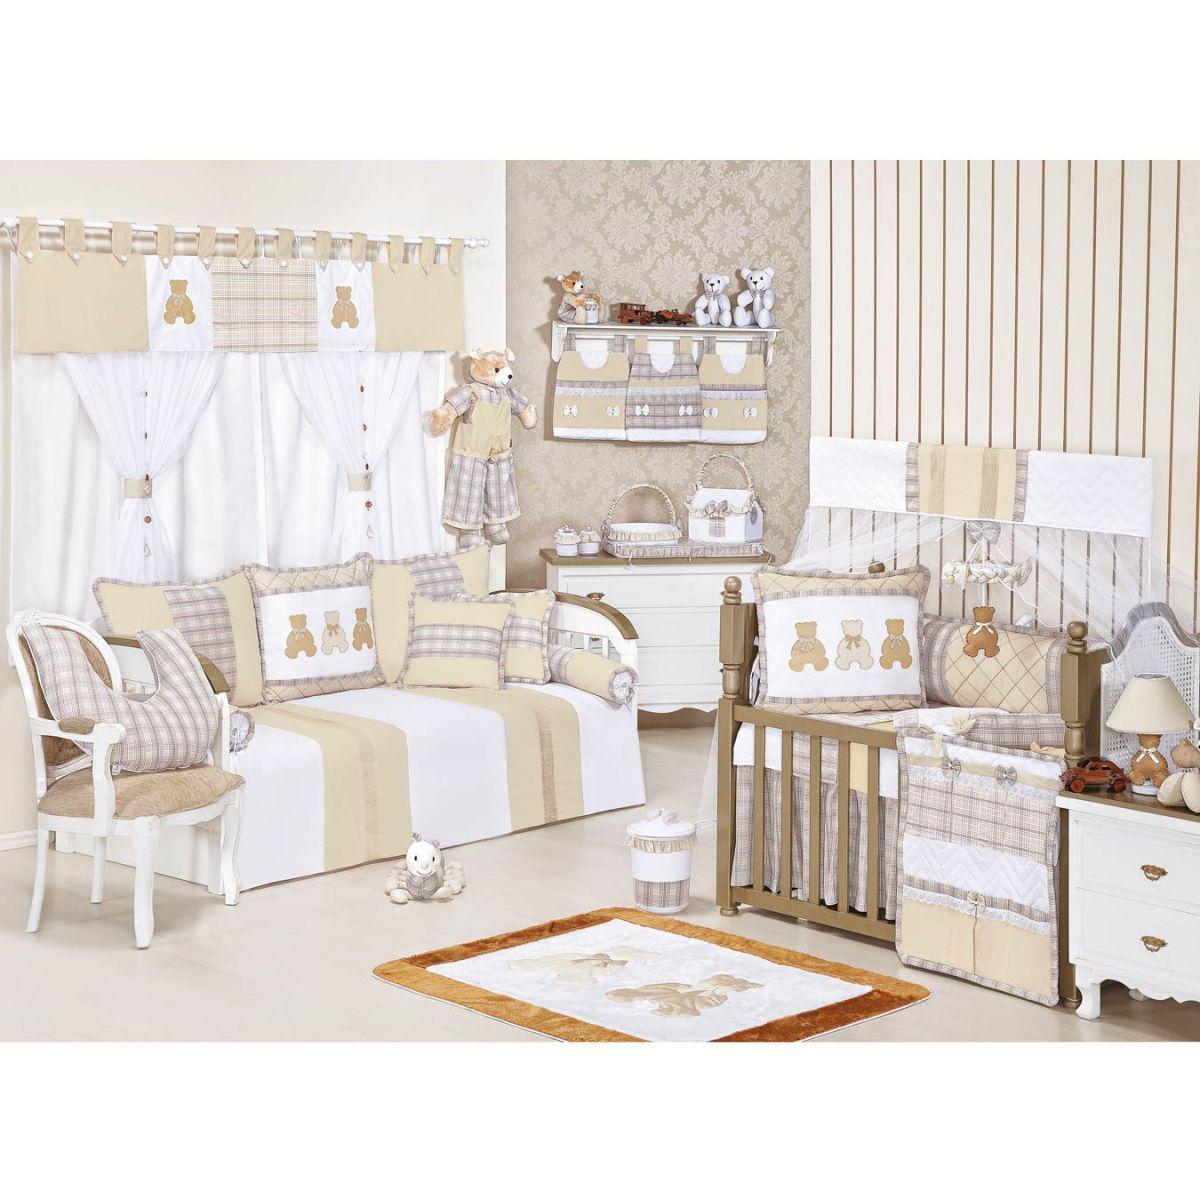 Pêndulo para Cortina de Bebê 02 Peças Coleção Bears - Caqui